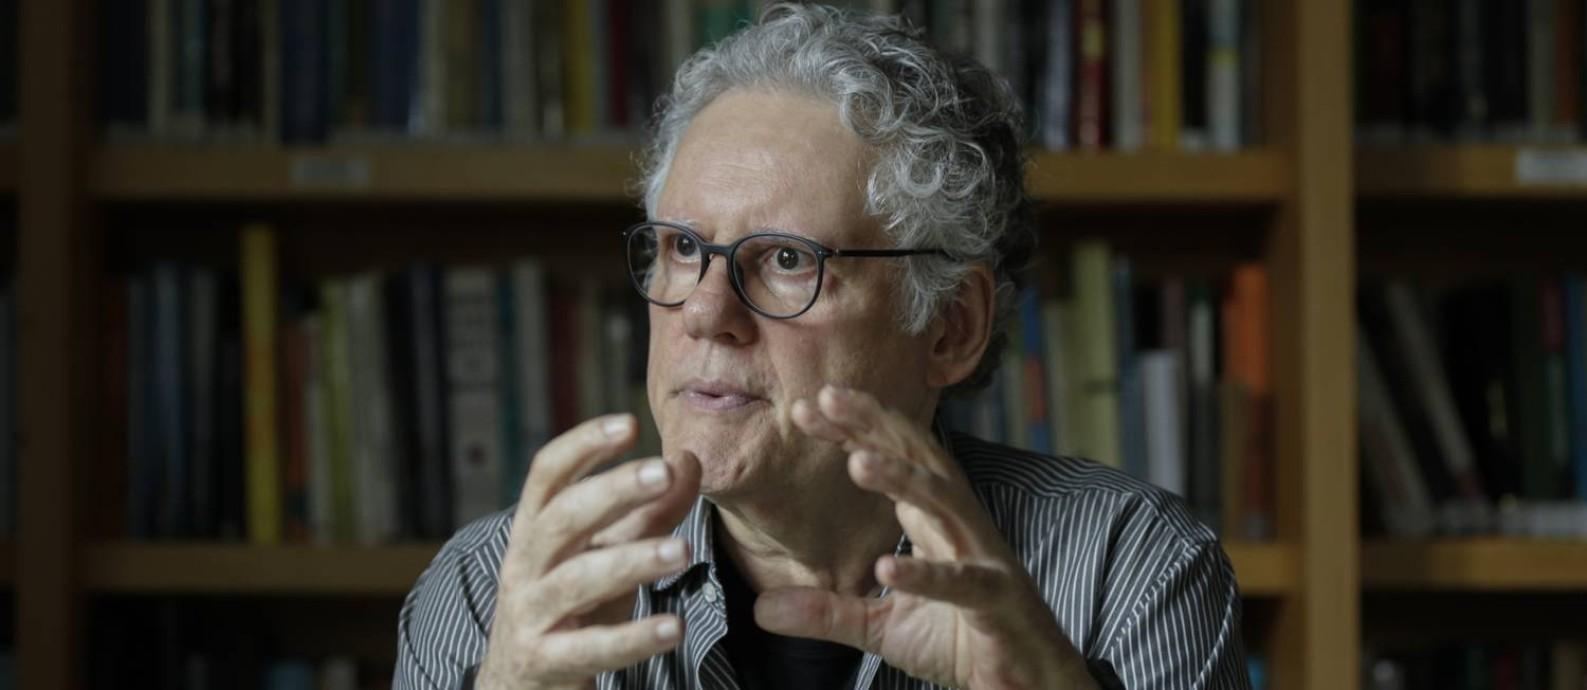 'Há risco institucional e, até agora, pouca reação articulada a essas ameaças', afirma Sérgio Abranches Foto: Gabriel de Paiva / Agência O Globo